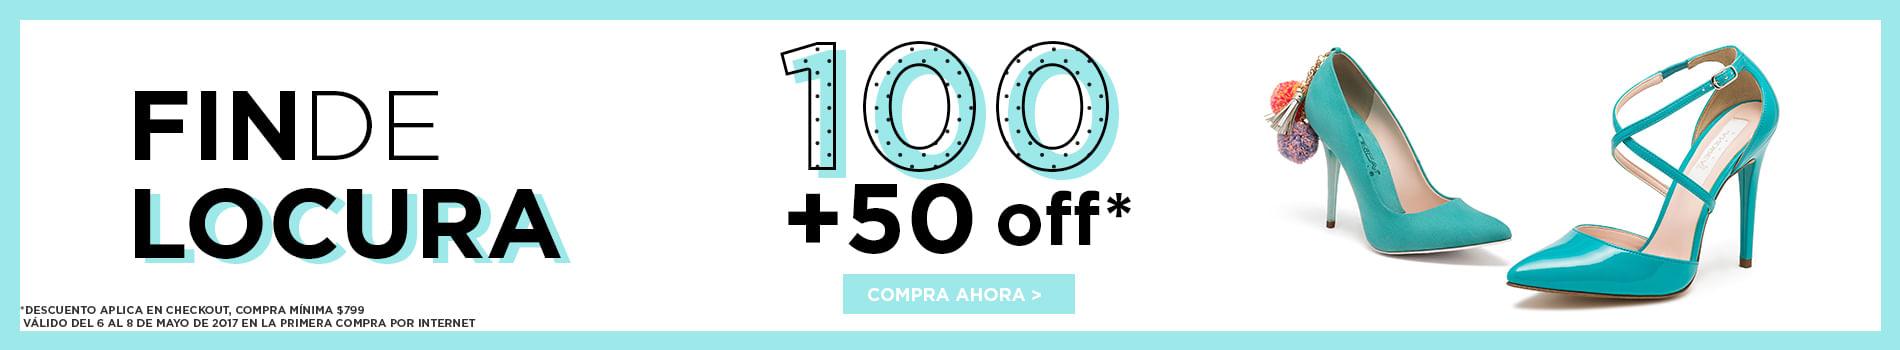 Fin de Locura, 100 50